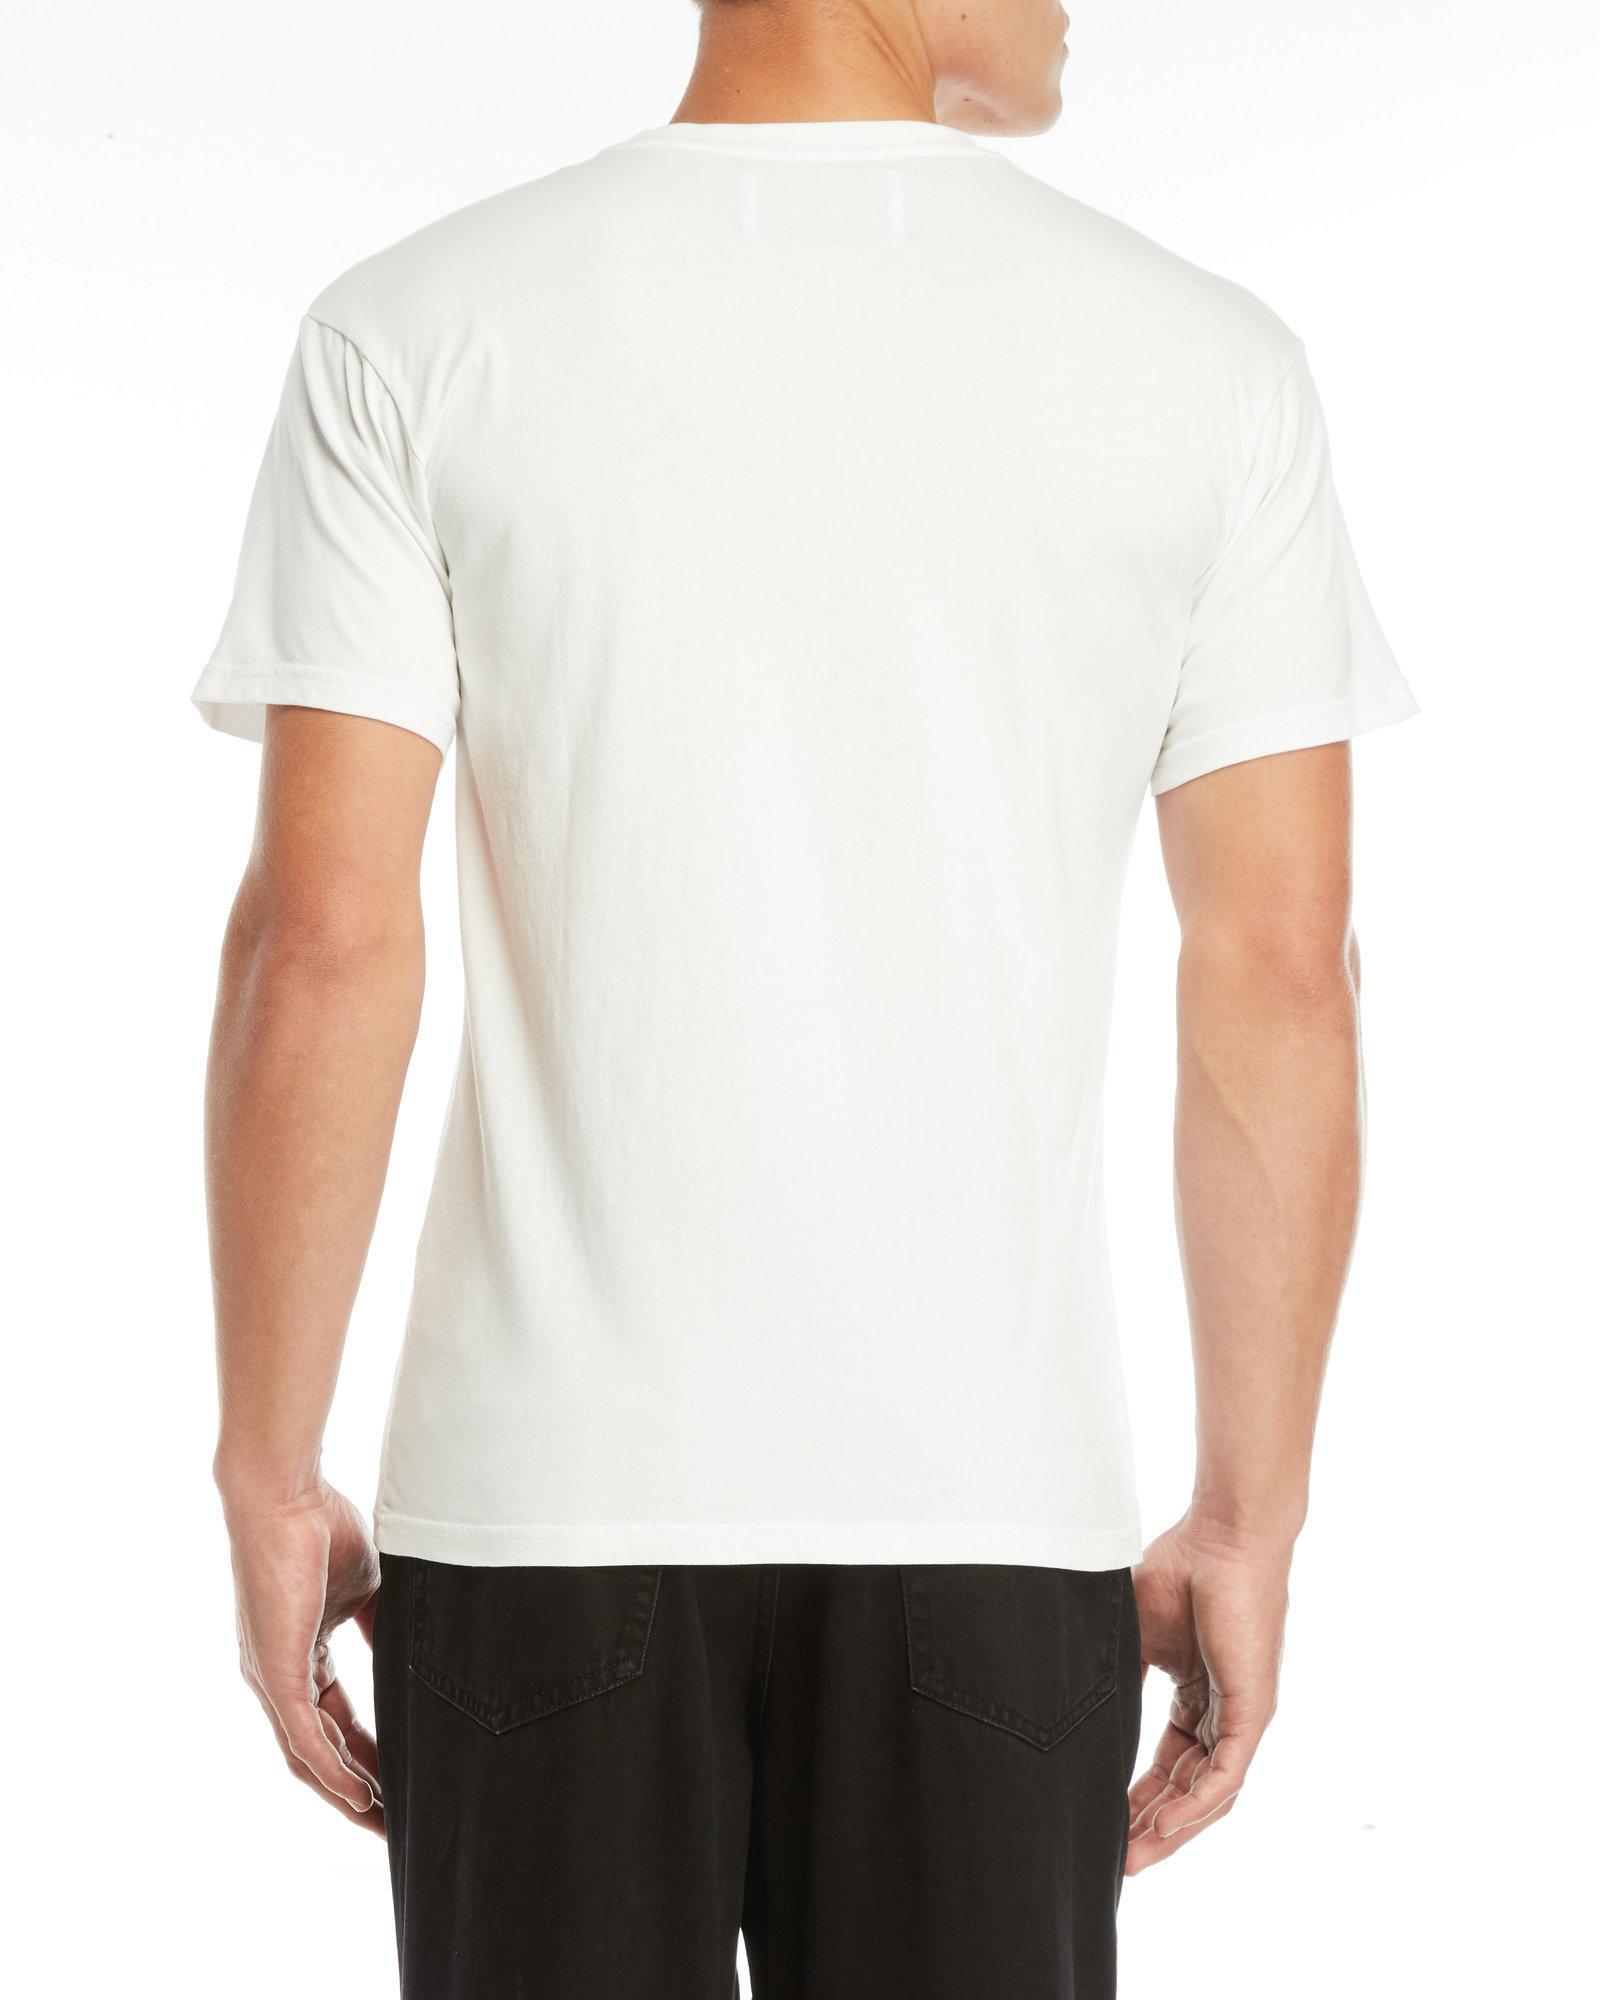 55d392d082d Lyst - Han Kjobenhavn Casual Logo Tee in White for Men